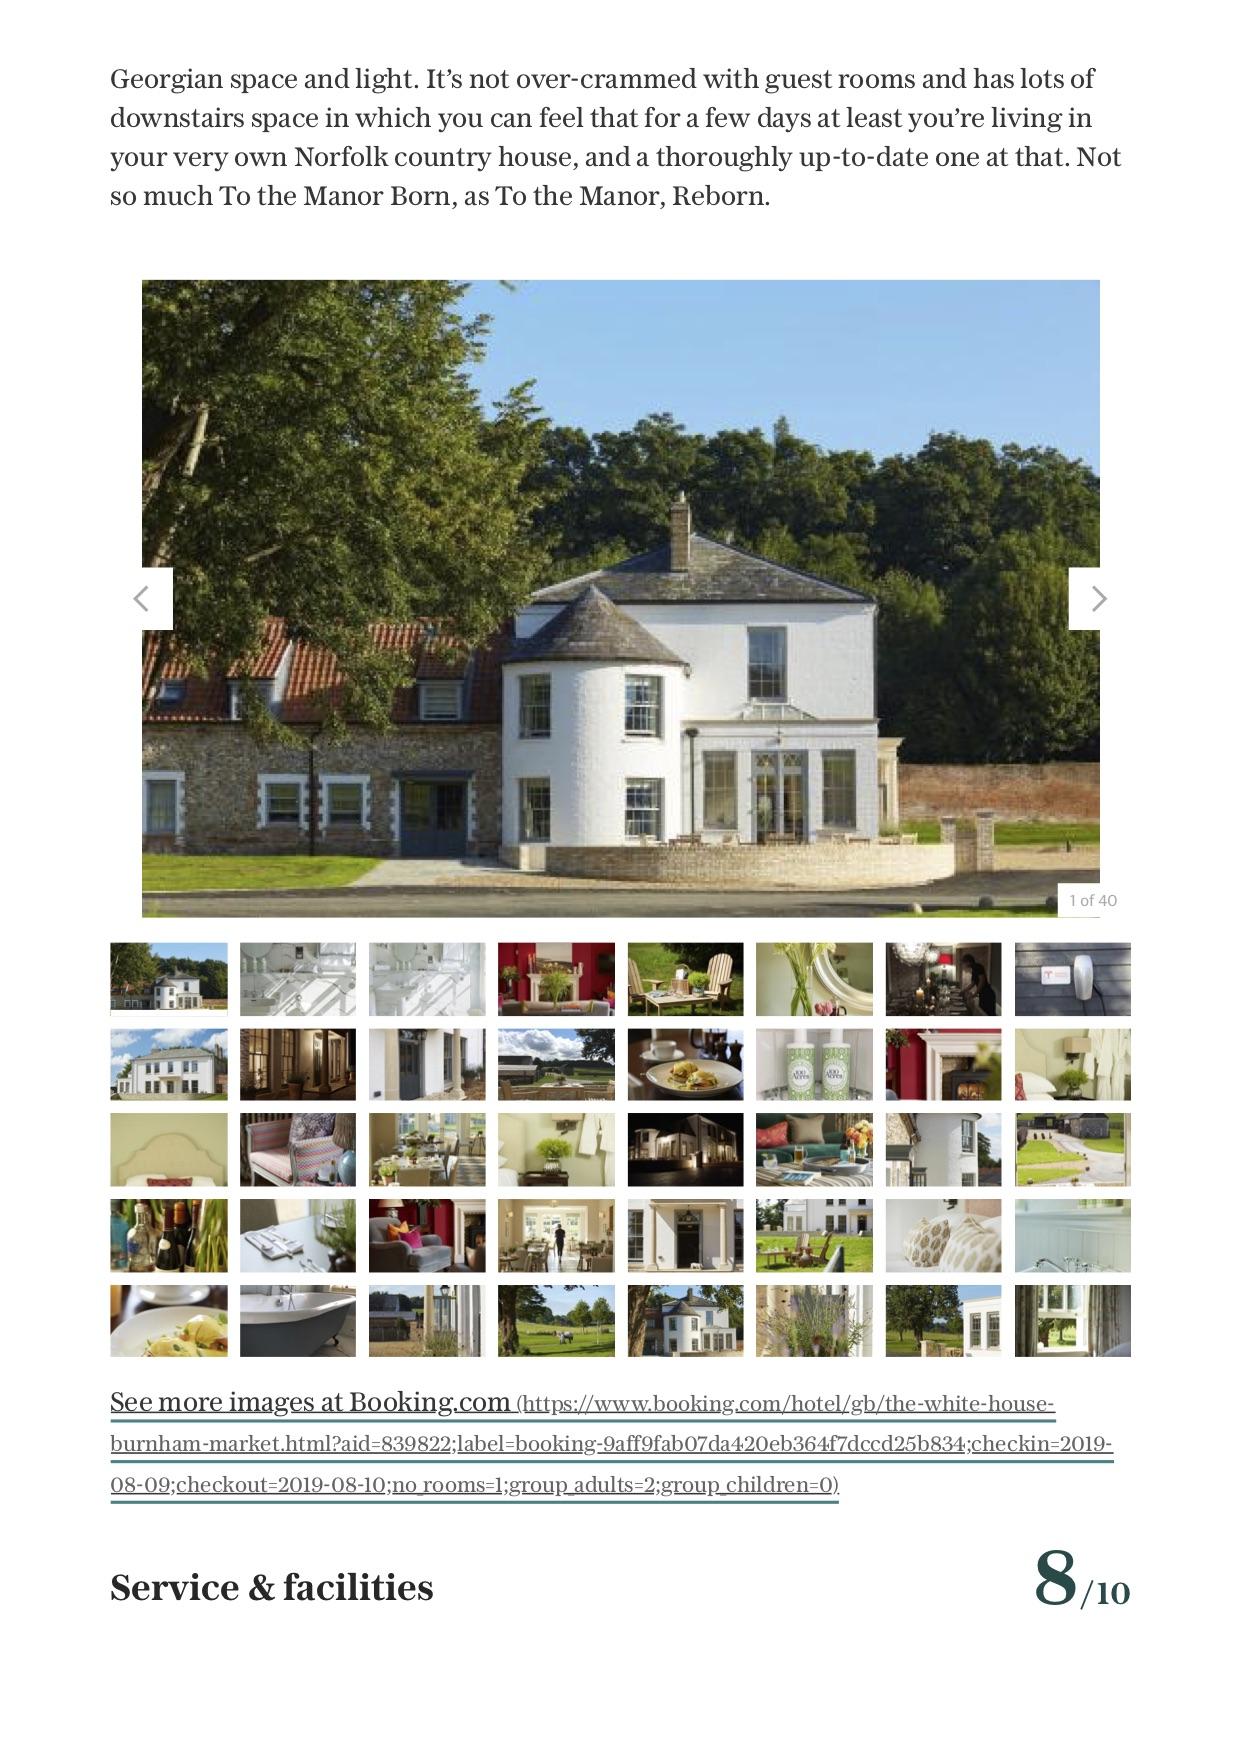 The White House Hotel Review, Burnham Market, Norfolk _ Telegraph Travel 3.jpg